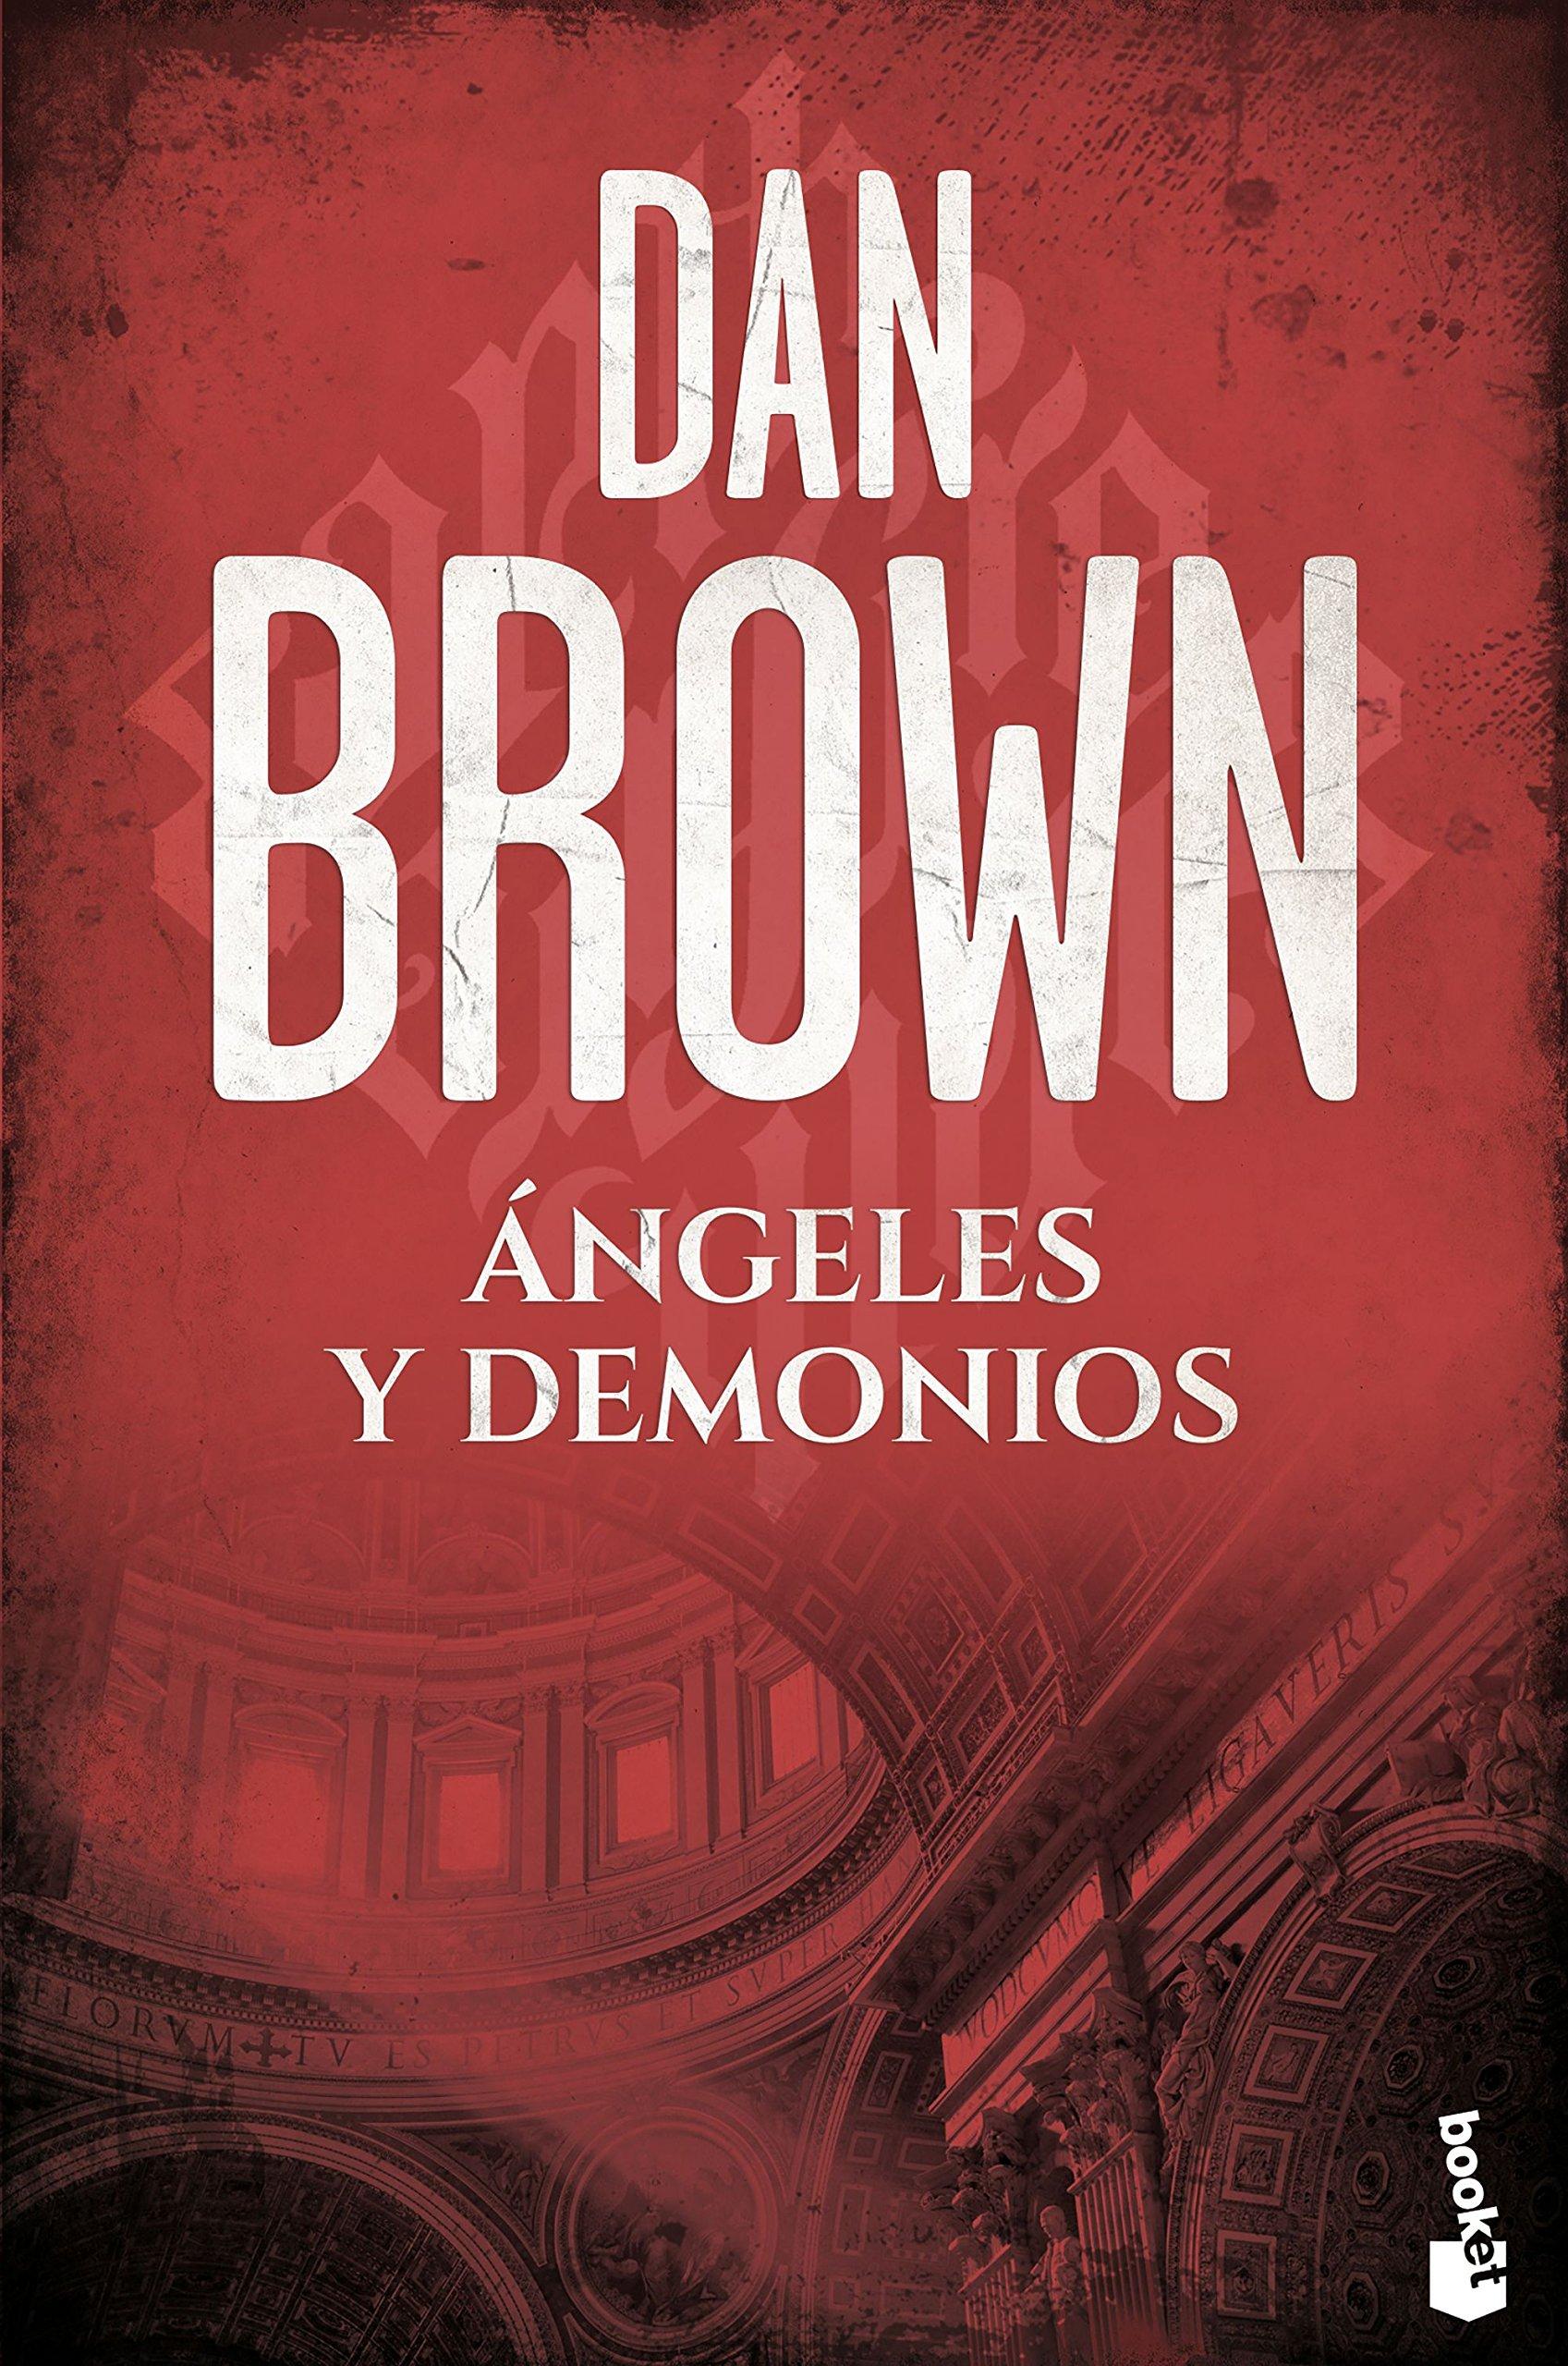 Ángeles y demonios (Biblioteca Dan Brown): Amazon.es: Brown, Dan ...